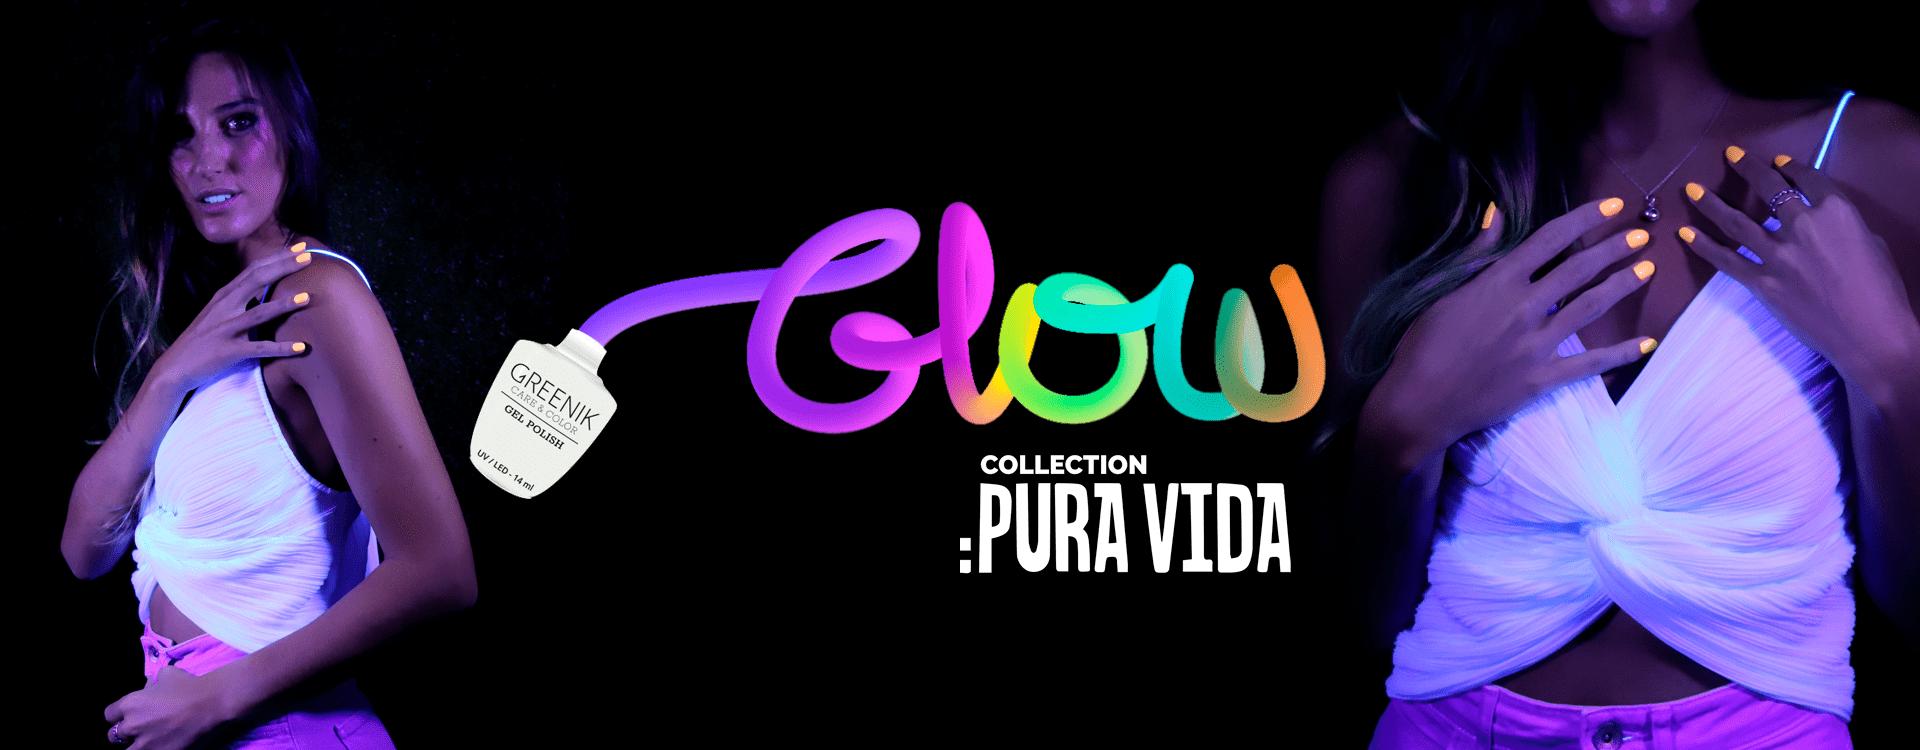 Colección GLOW PURA VIDA